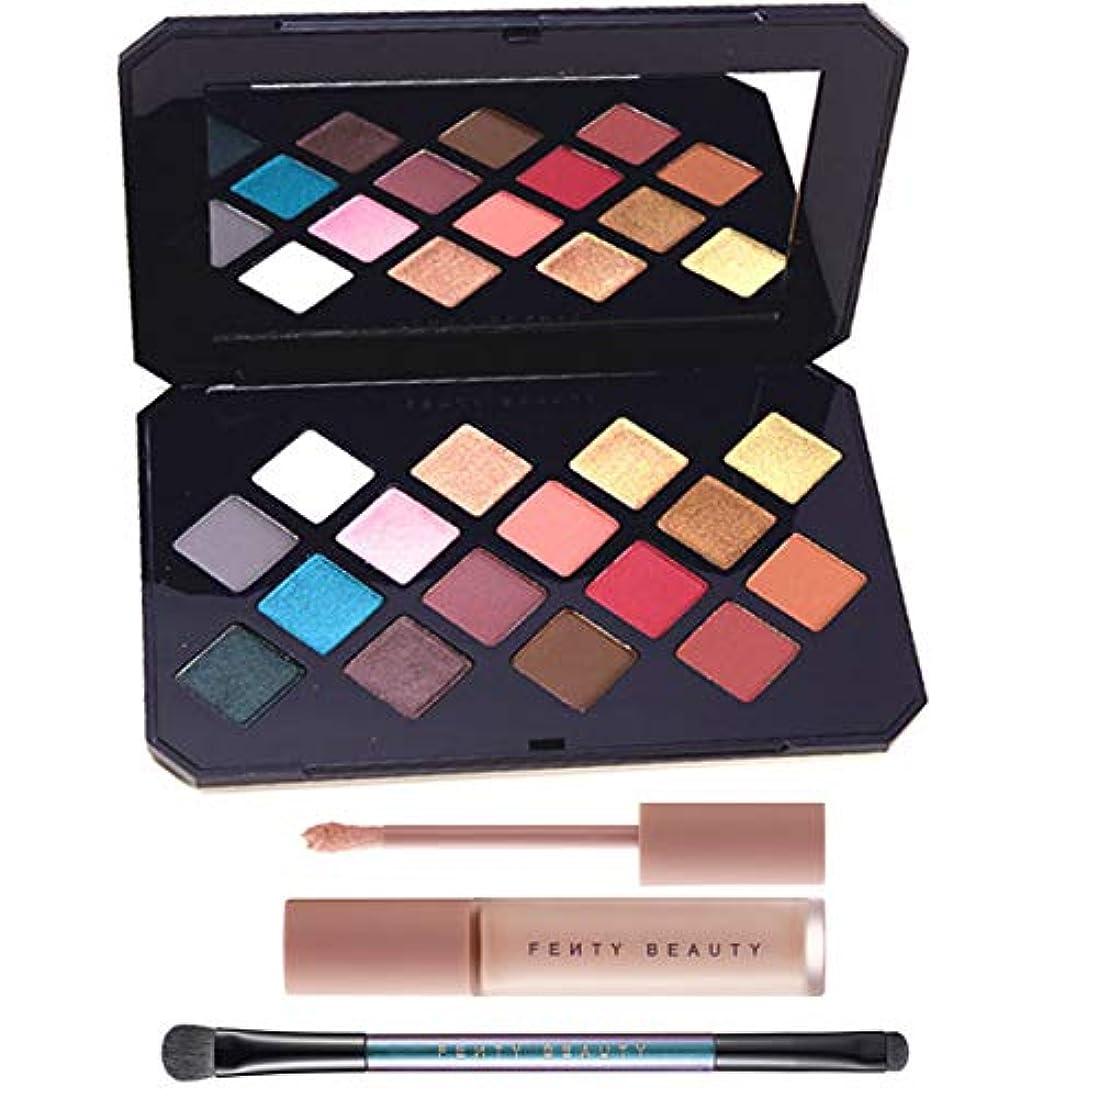 キャンセルウイルス騒ぎFENTY BEAUTY BY RIHANNA, Moroccan Spice Eyeshadow Palette & Eye Essentials [海外直送品] [並行輸入品]